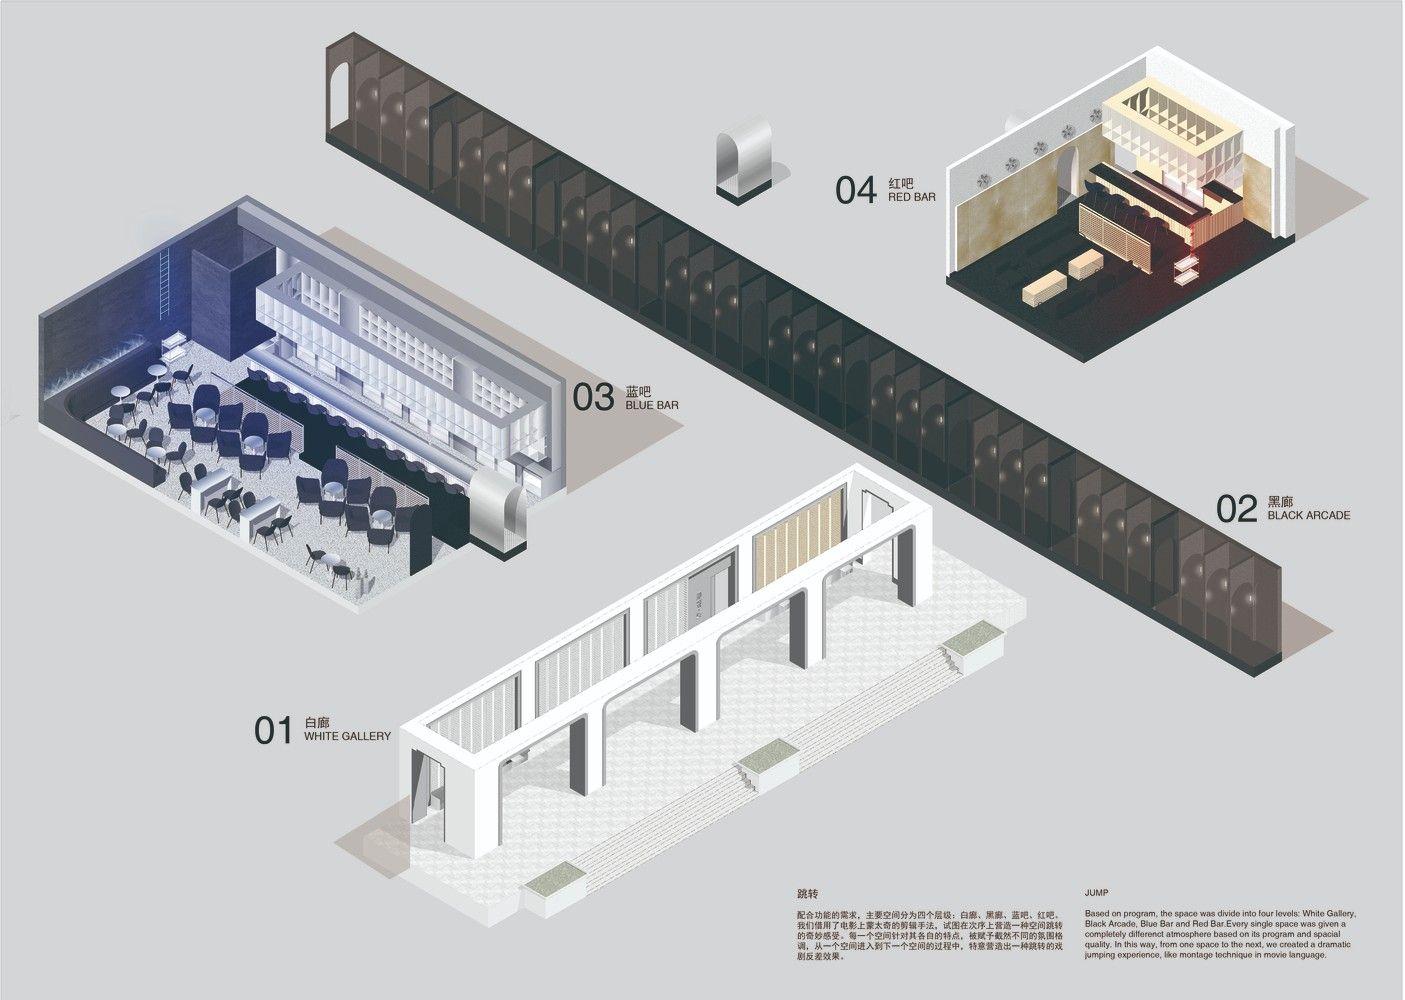 最新 | 斗西设计:酒饕-济 酒吧|刘永鹏 - 19